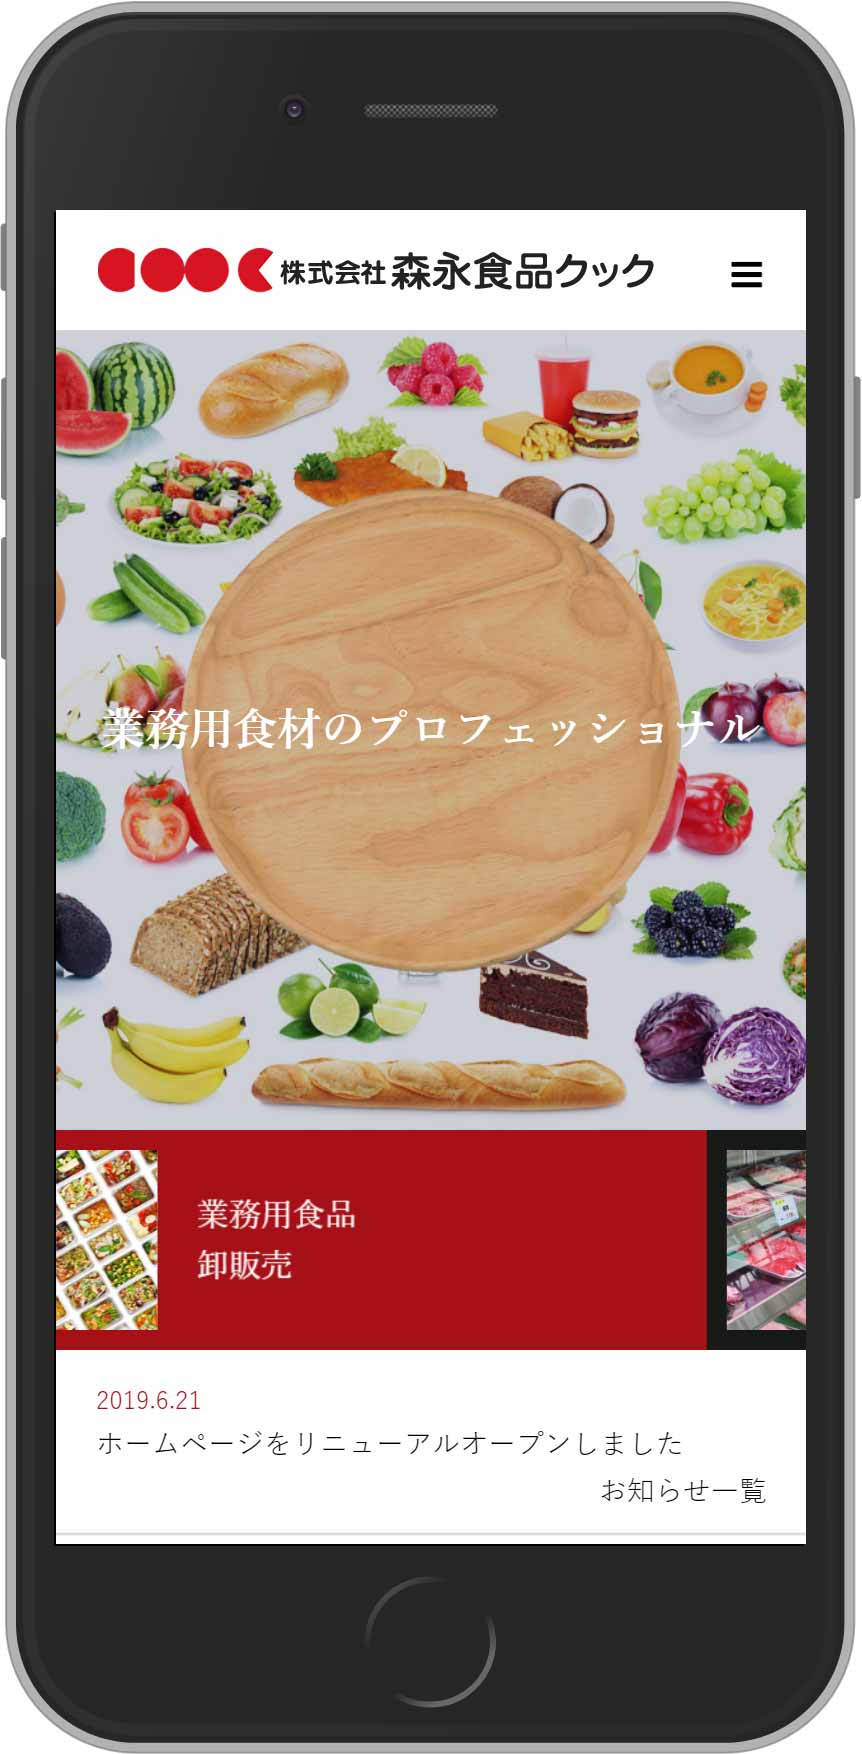 森永食品クックスマホサイト用デザイン